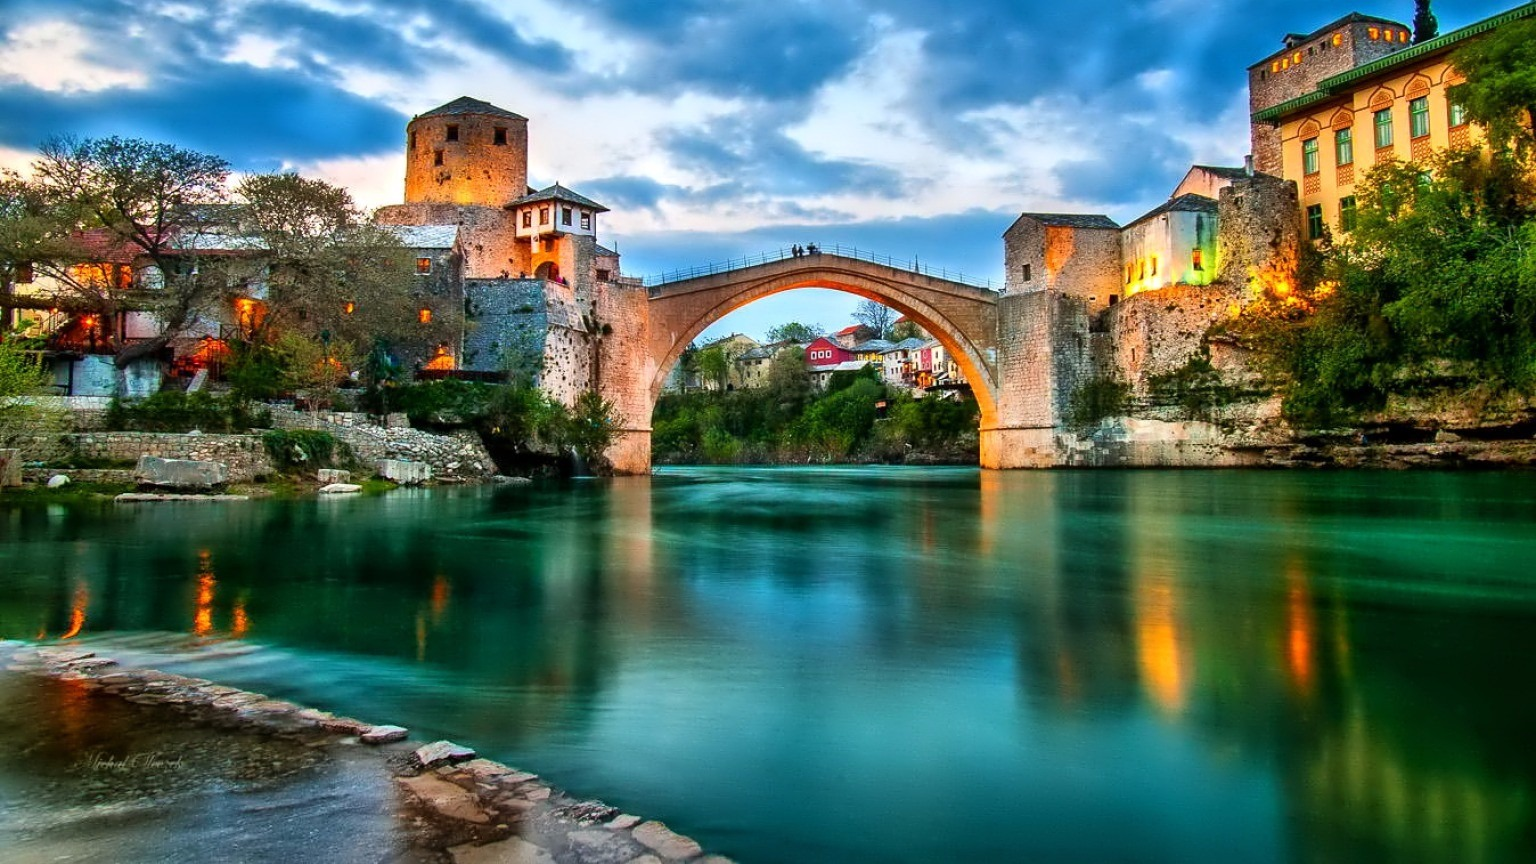 FLASH PROMOSYON BAŞTANBAŞA BALKANLAR ( Vizesiz ) Sırbistan - Bosna – Karadağ – Arnavutluk - Makedonya  Belgrad - Saraybosna – Mostar – Trebinje – İşkodra – Tiran – Ohrid – Üsküp Pegasus Havayolları Tarifeli seferi ile… 17 Nisan, 01, 15, 29 Mayıs, 12, 26 Haziran, 10, 24 Temmuz,  07, 21 Ağustos, 04, 18 Eylül, 02, 16 Ekim 2016 Hareket 7 Gece 8 Gün Tour